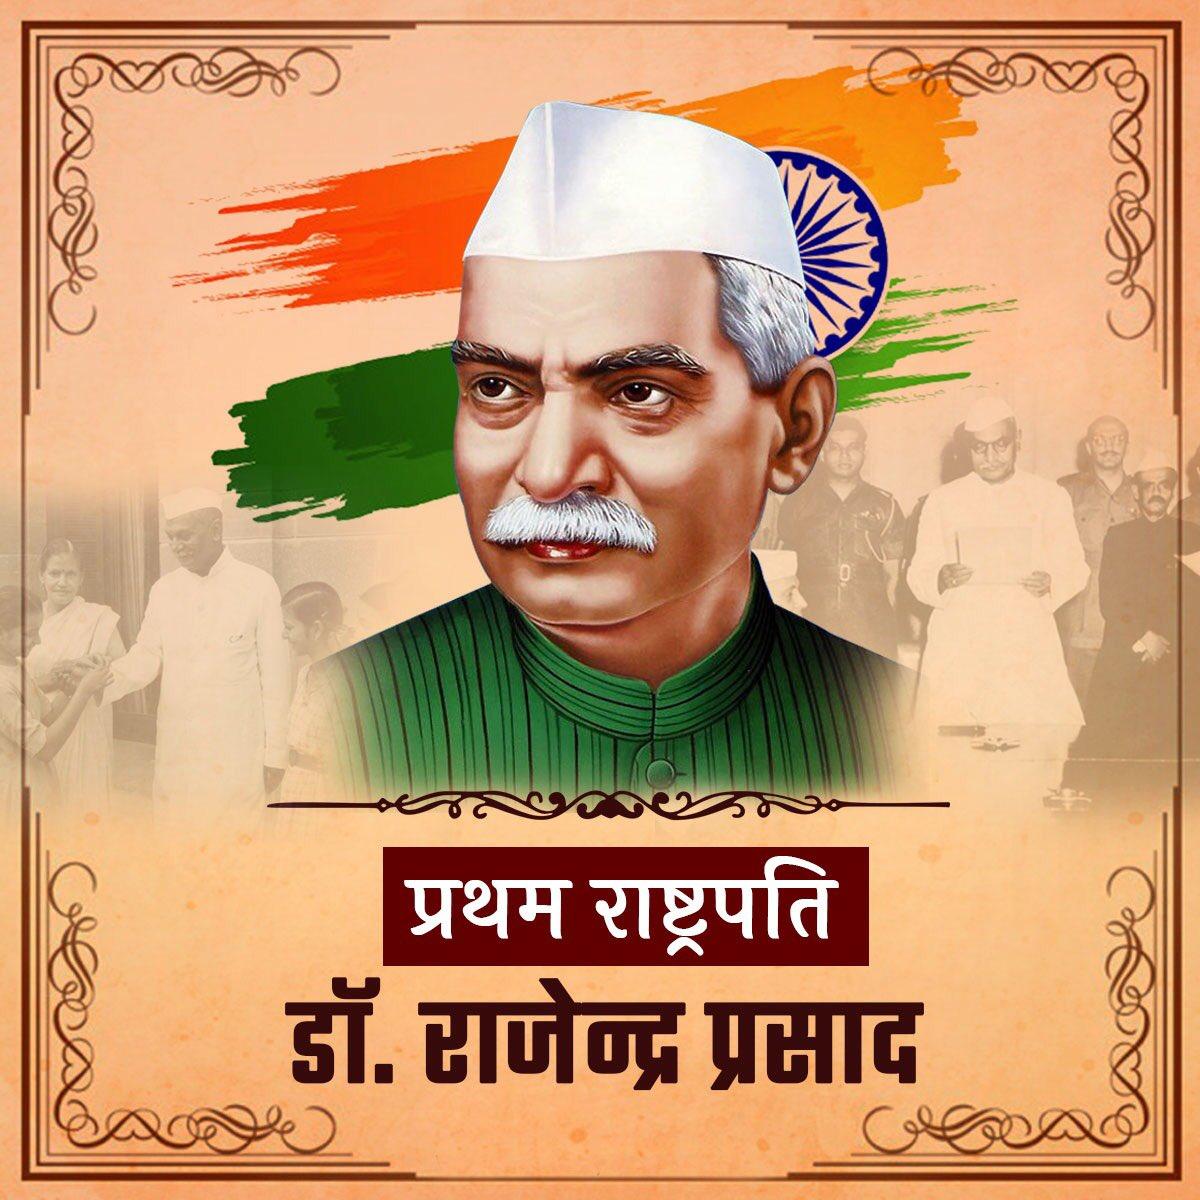 """महान स्वतंत्रता संग्राम सेनानी,भारत के प्रथम राष्ट्रपति व संविधान सभा के अध्यक्ष भारत रत्न #डॉ_राजेन्द्र_प्रसाद_जी की जयंती पर उन्हें कोटिशः नमन। """"सादा जीवन,उच्च विचार"""" के प्रतीक #राजेंद्र_प्रसाद जी का जीवन सभी देशवासियों के लिए प्रेरणाप्रद है। #RajendraPrasad  #स्वतंत्रतासेनानी"""